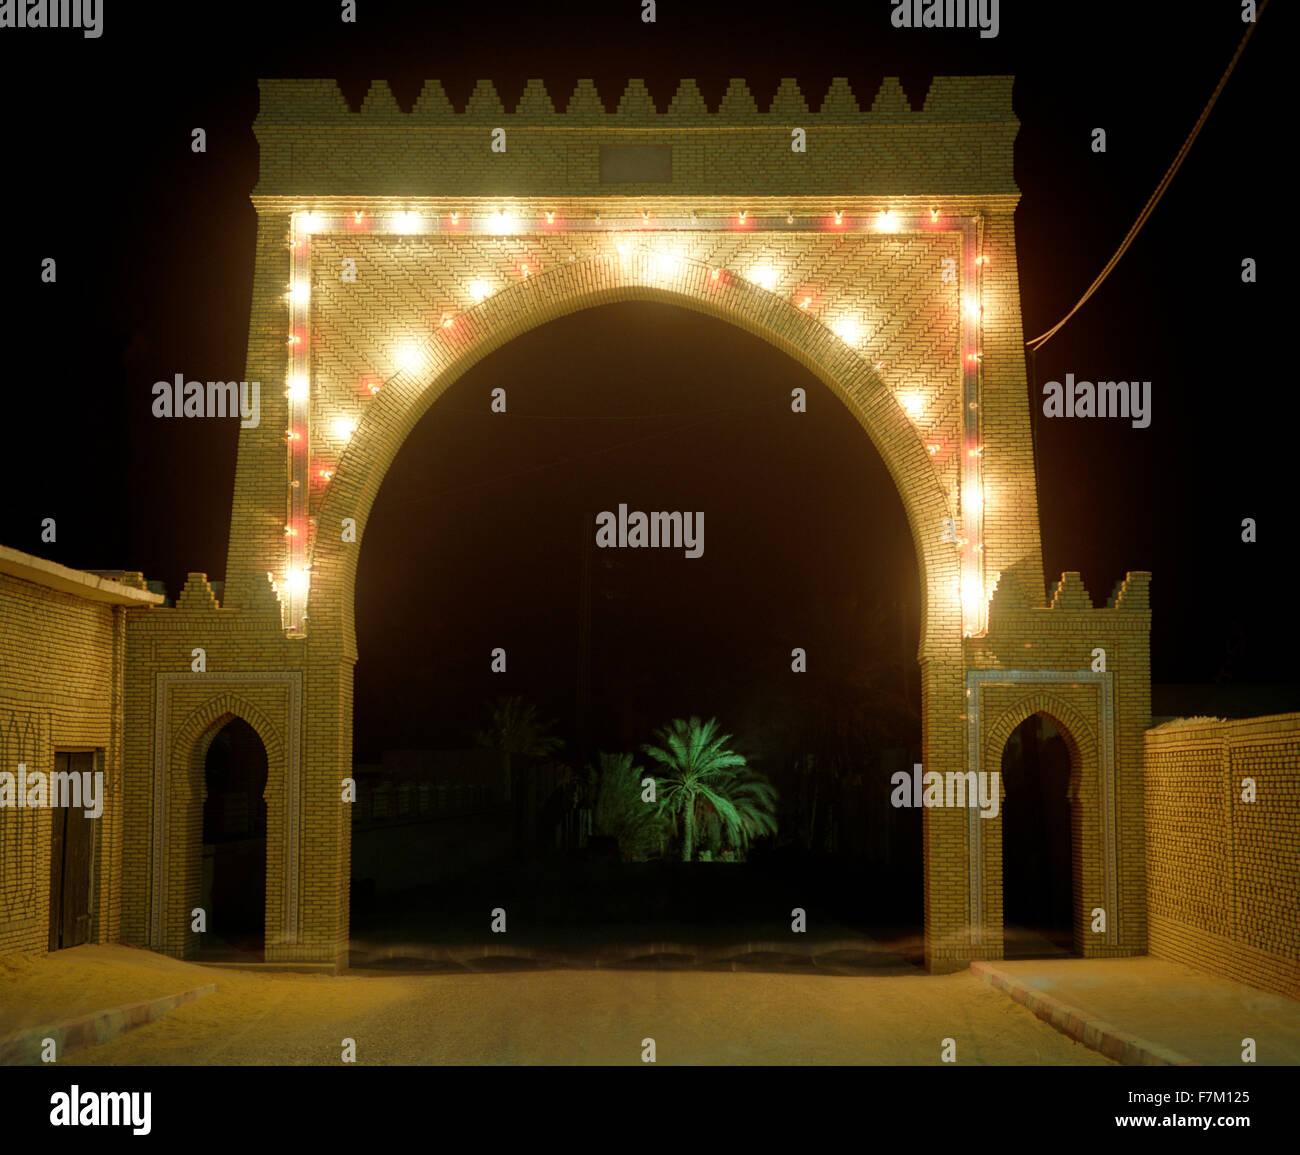 Una porta illuminata di notte conduce alla principale Palmeraie in Tozeur. Un albero di palma è illuminato Immagini Stock